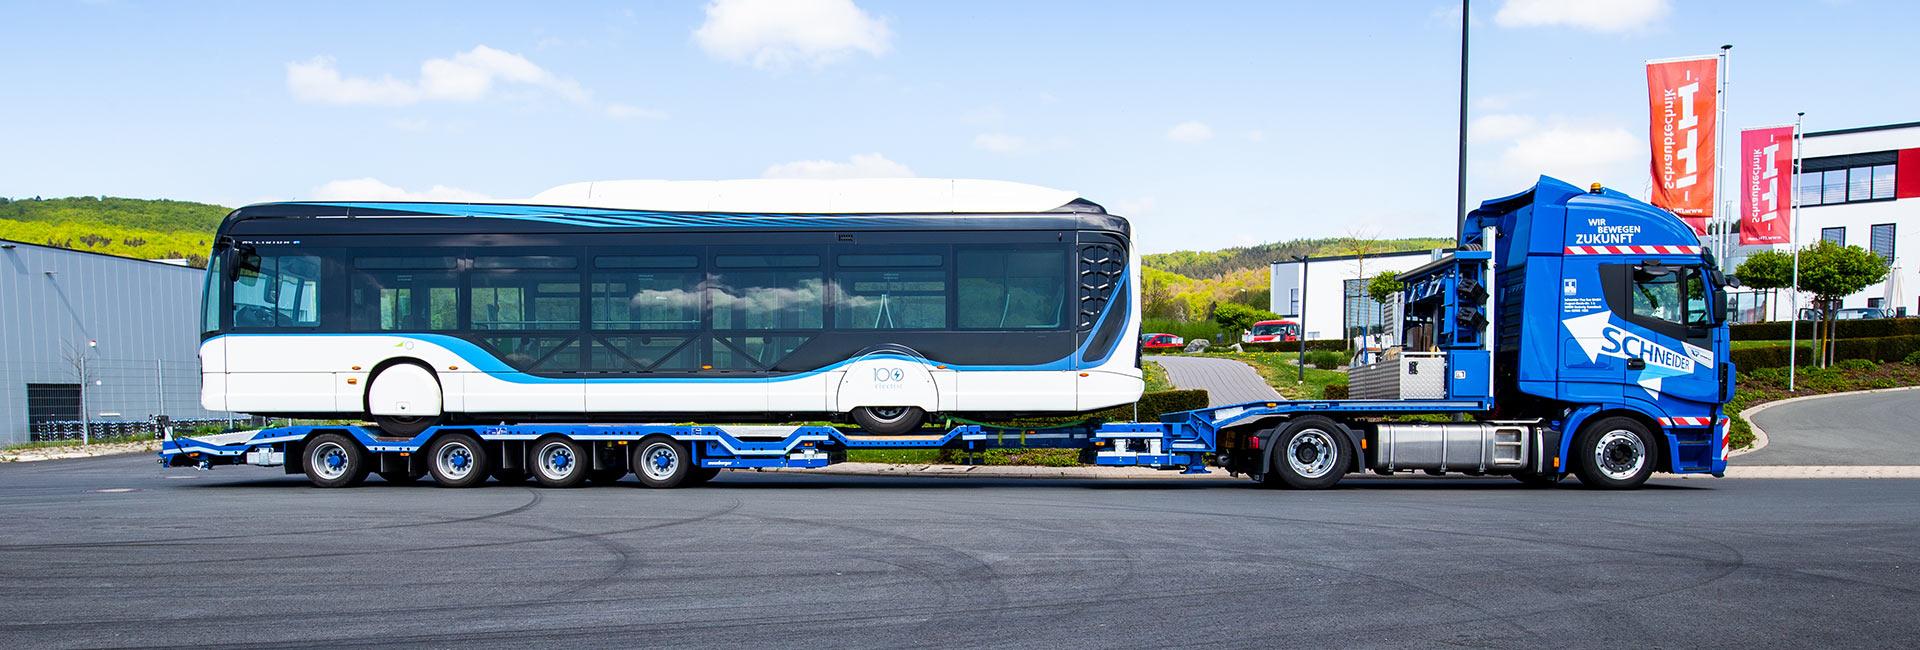 schneider_plusbus_spezialtransporte_002